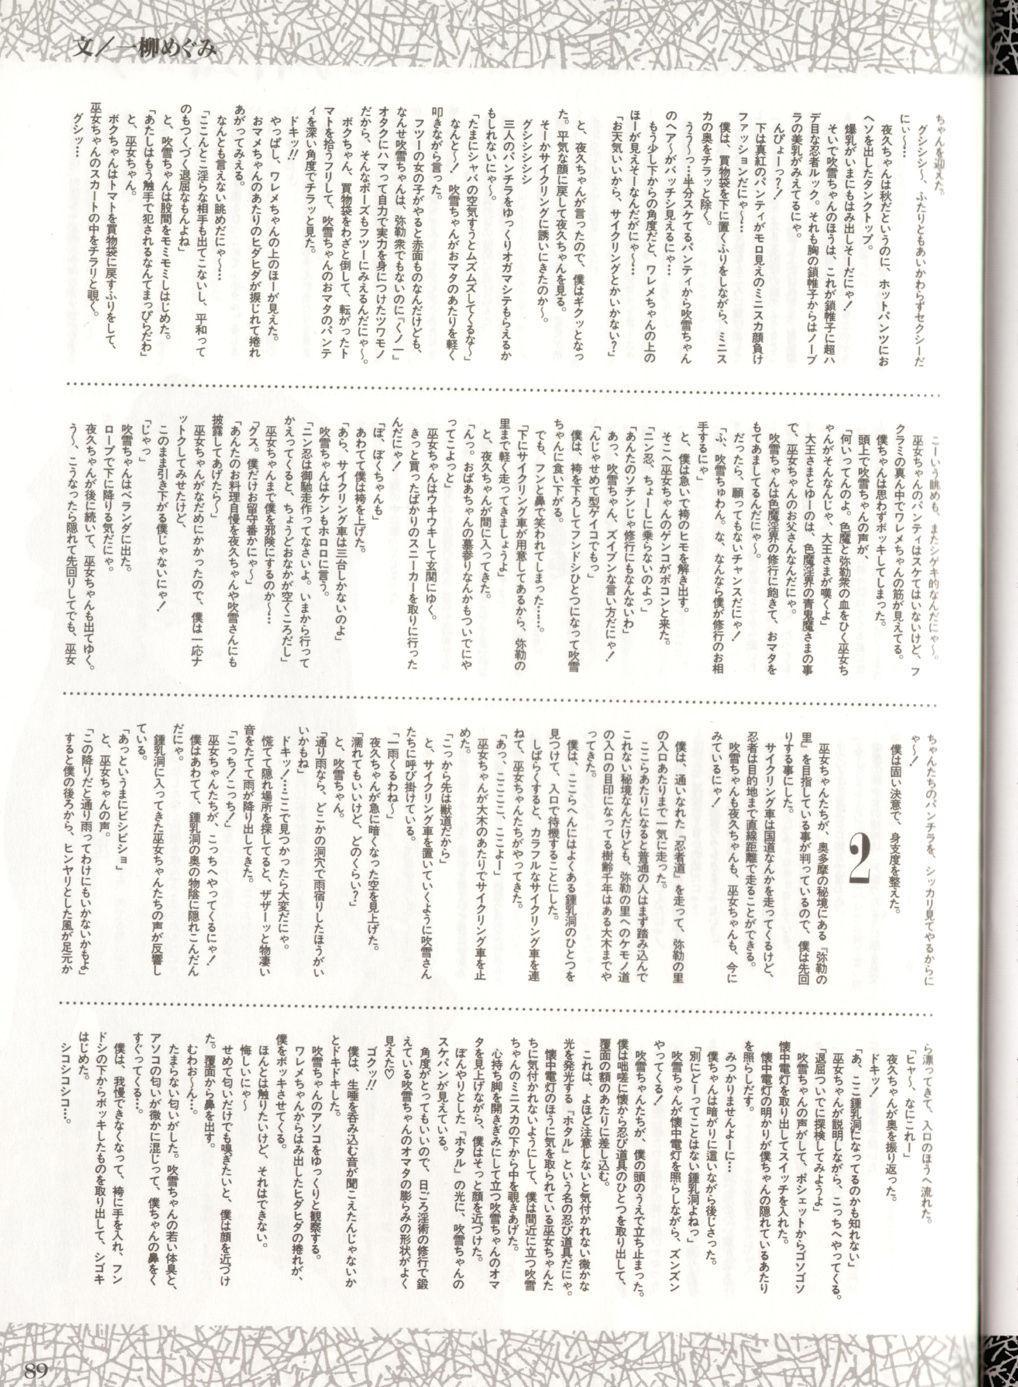 Injuu Gakuen You no Shou Secret File 84